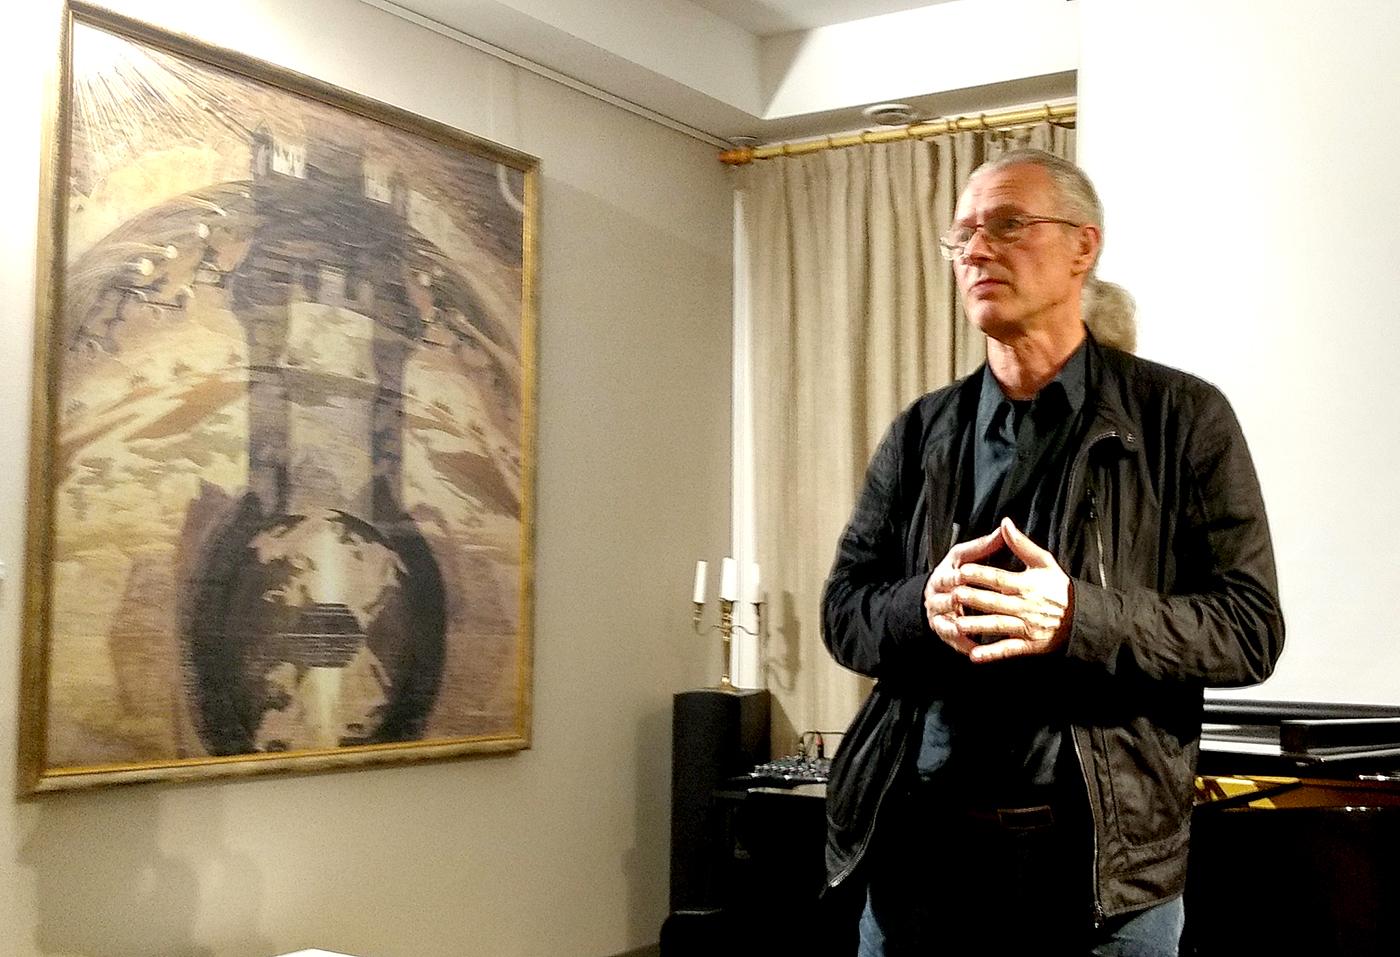 Parodoje darbų autoriui atstovavo sūnus, dailininkas Saulius Valius.